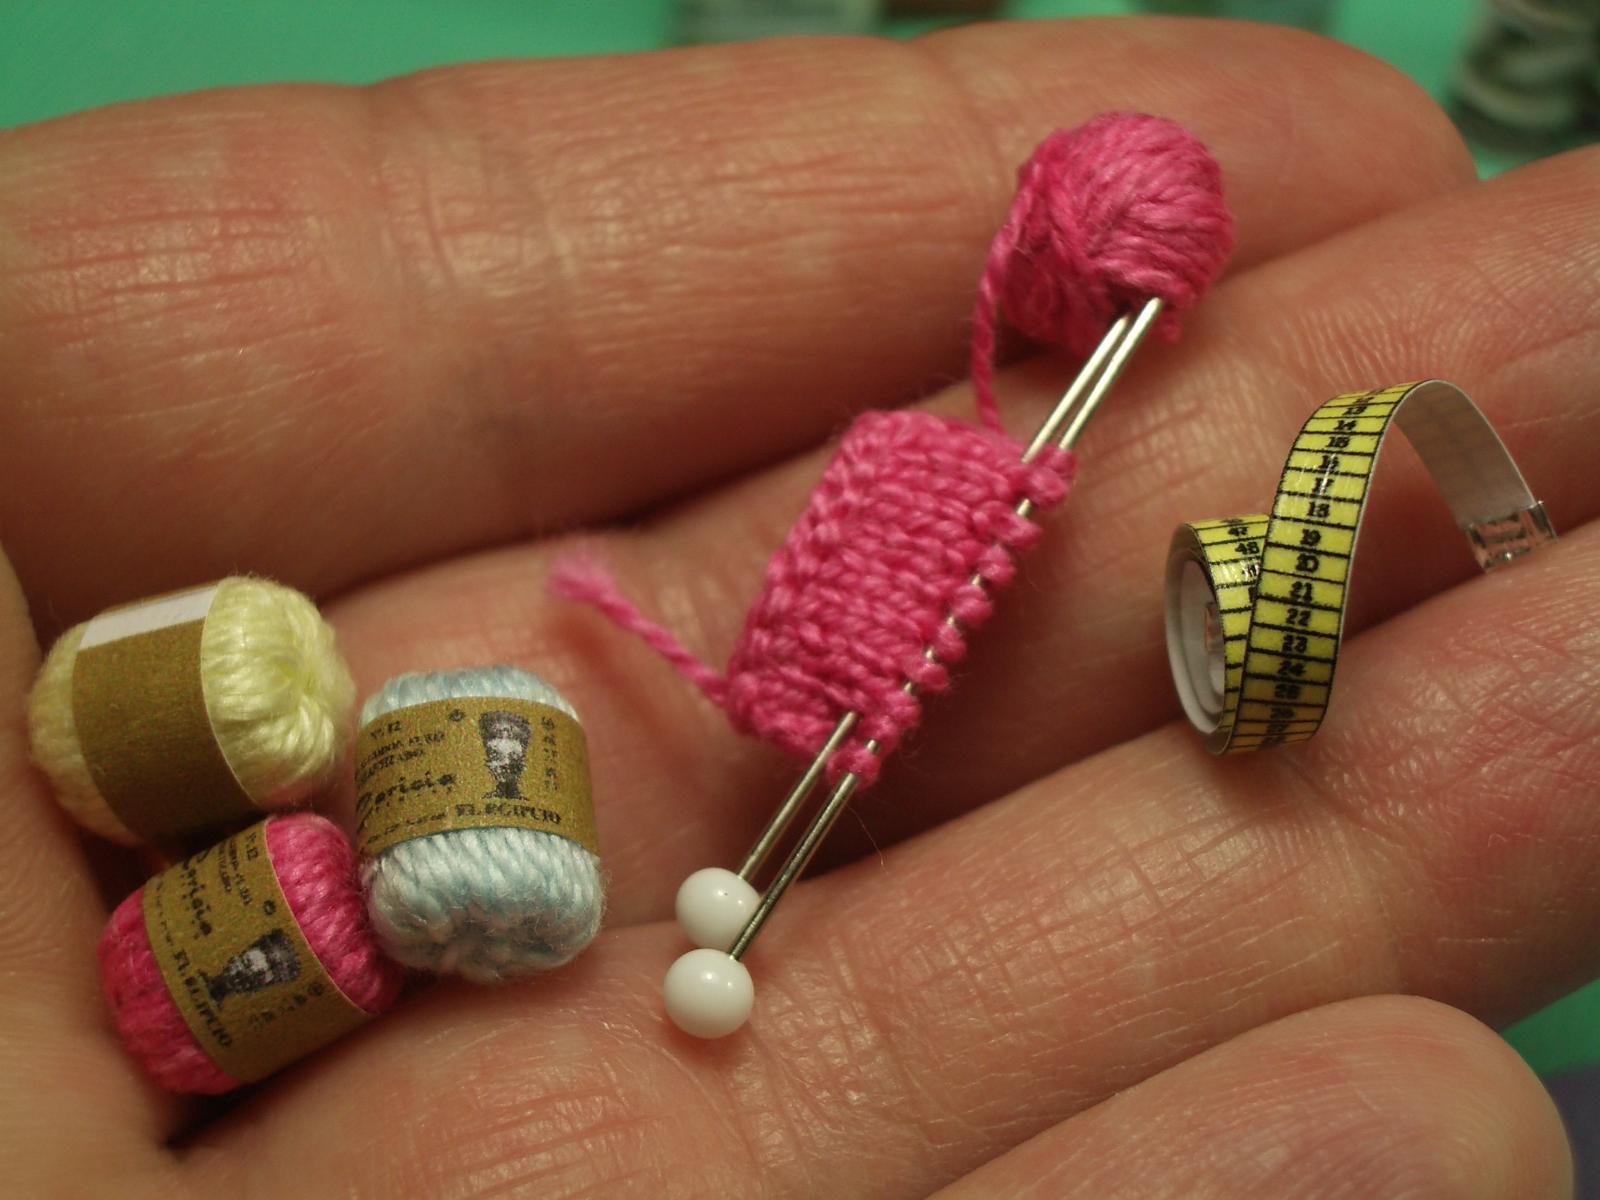 Enrhedando manualidades - Cosas para hacer en casa ...